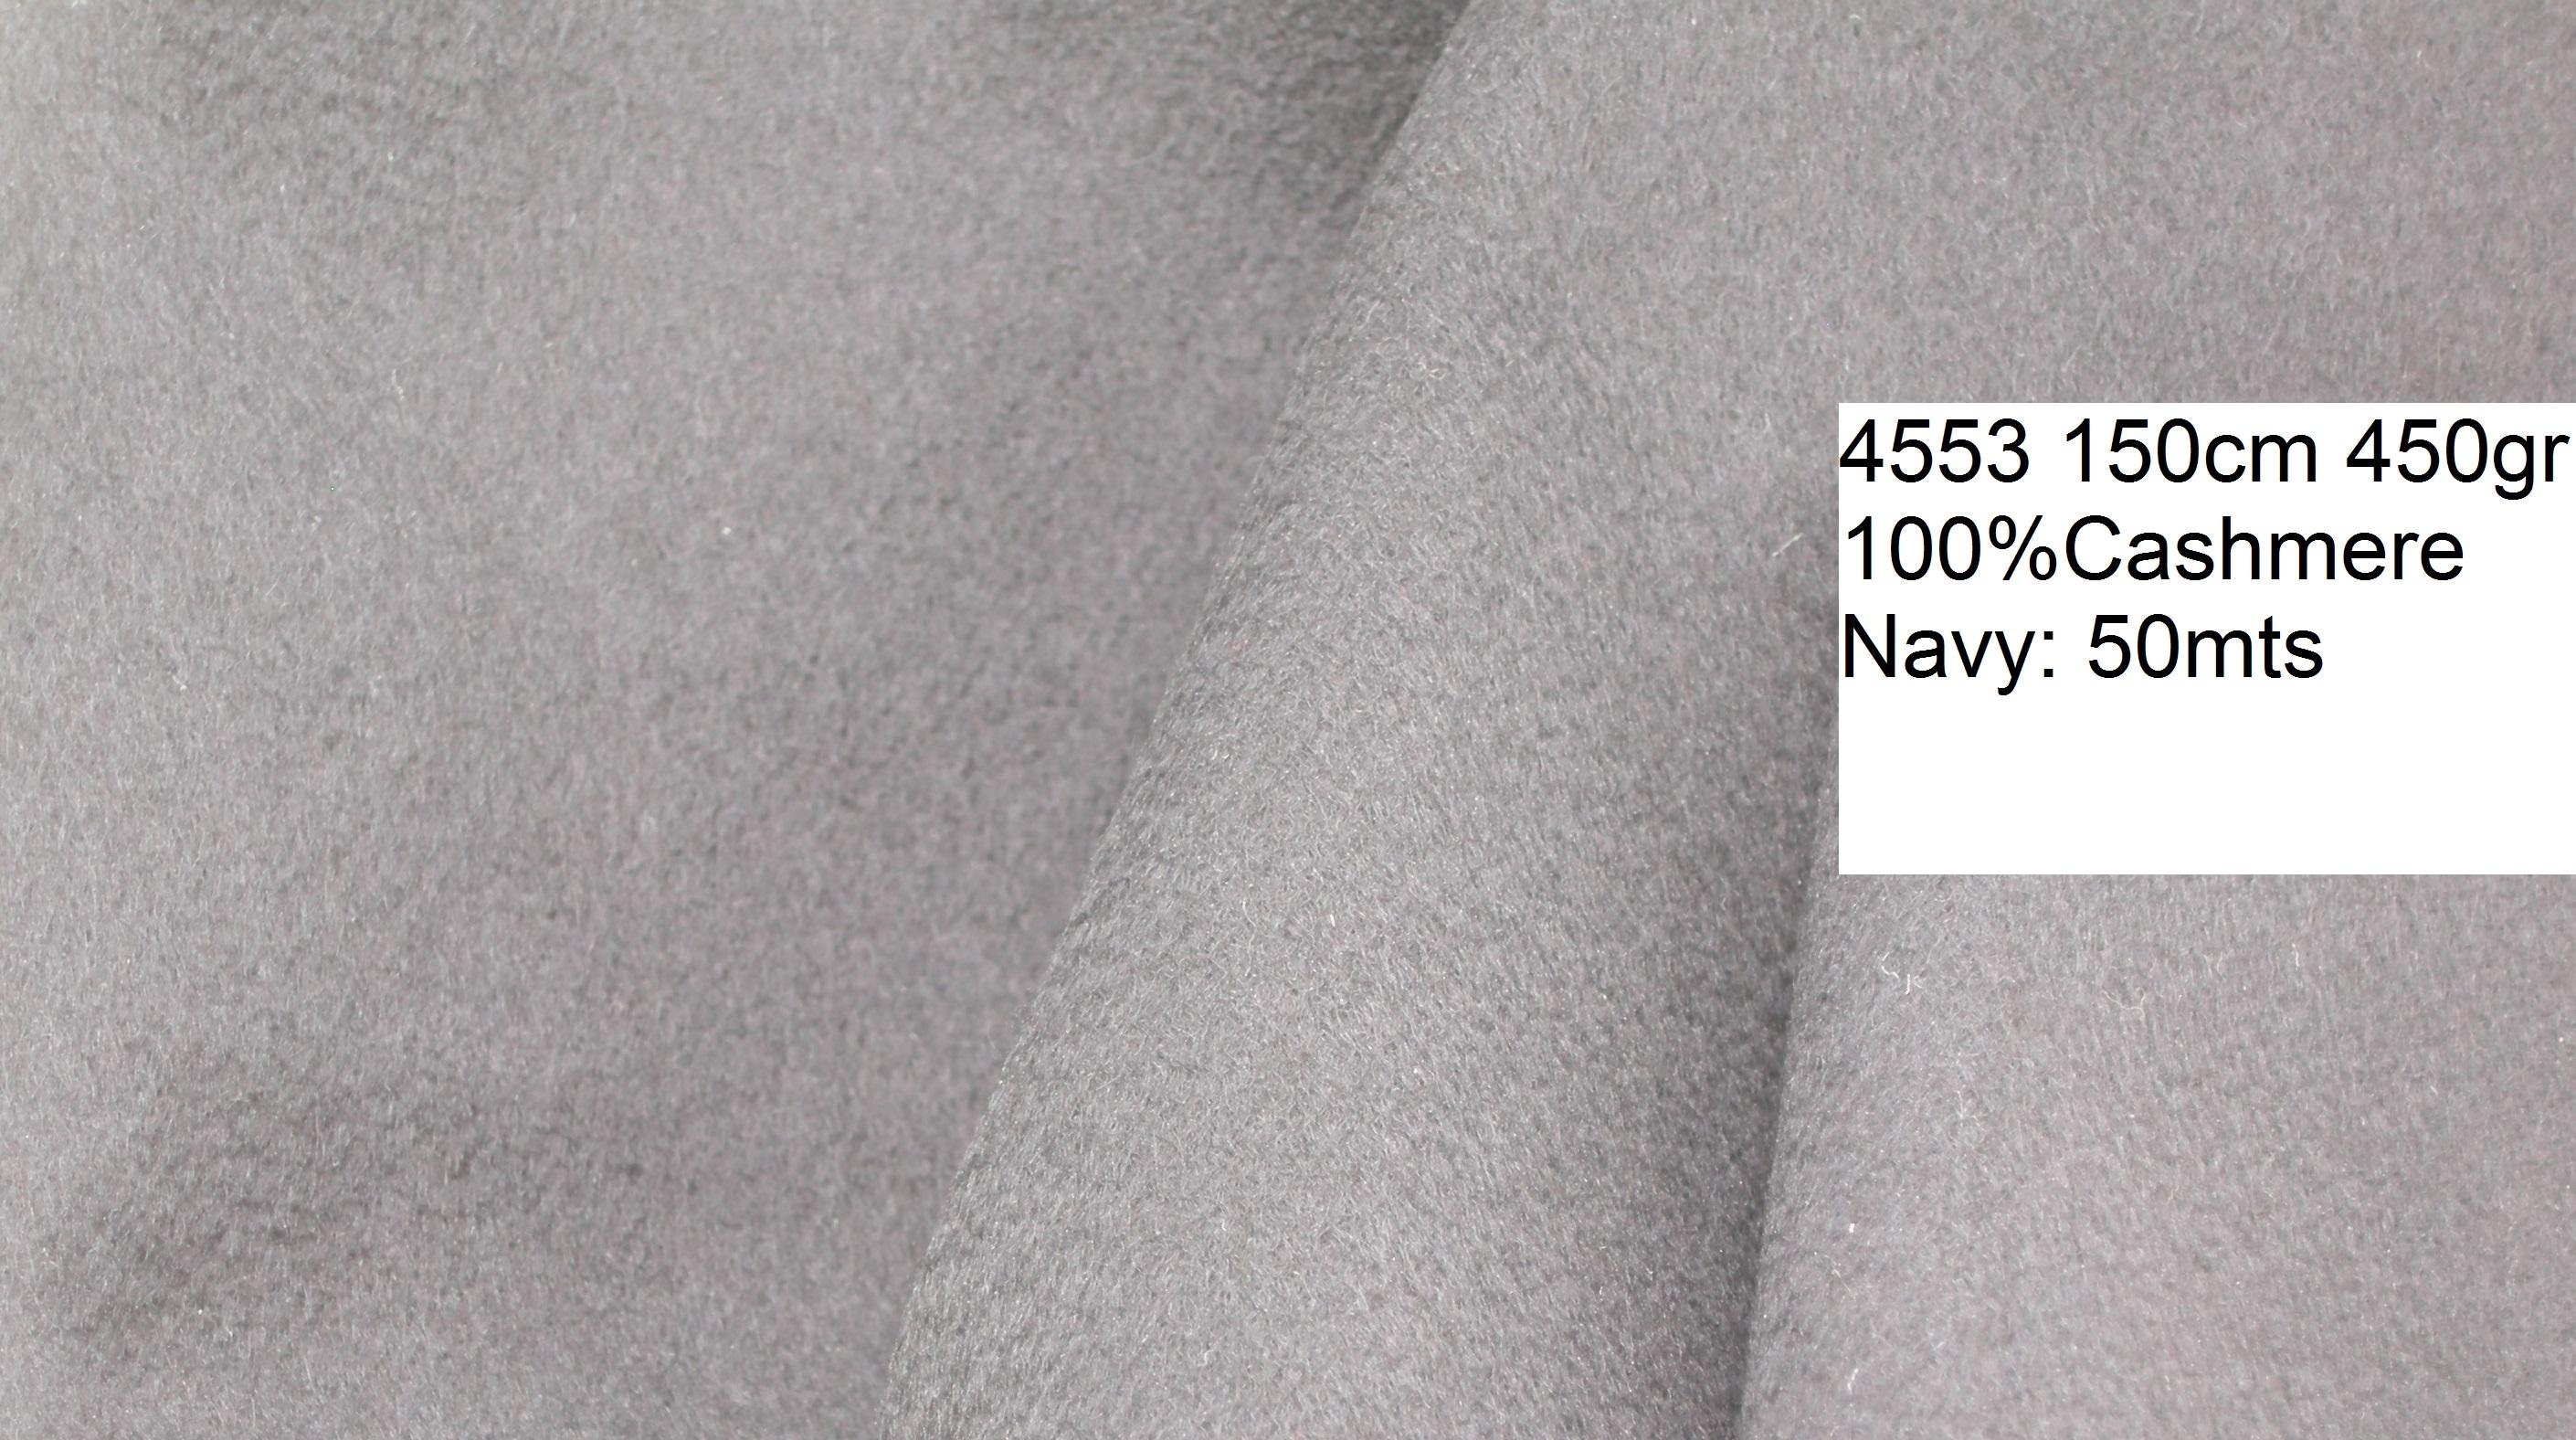 4553 pure cashmere zibellino coat fashion fabric